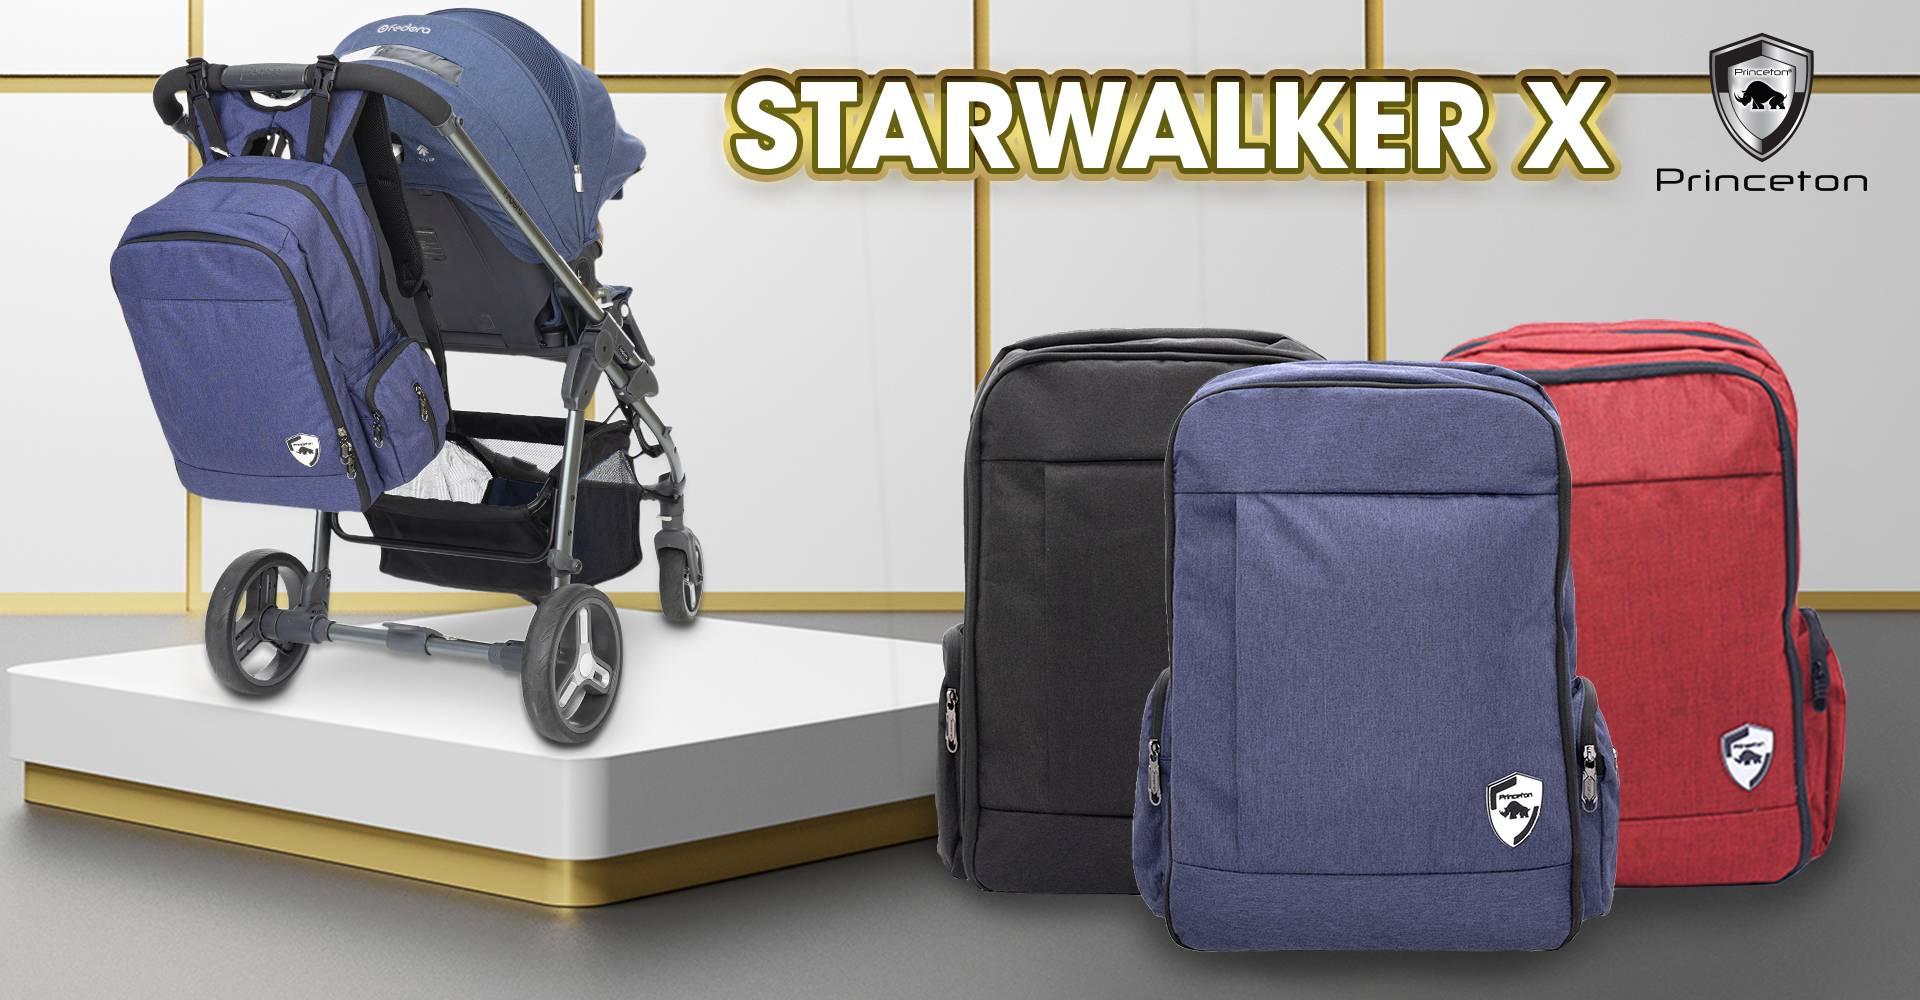 StarwalkerX